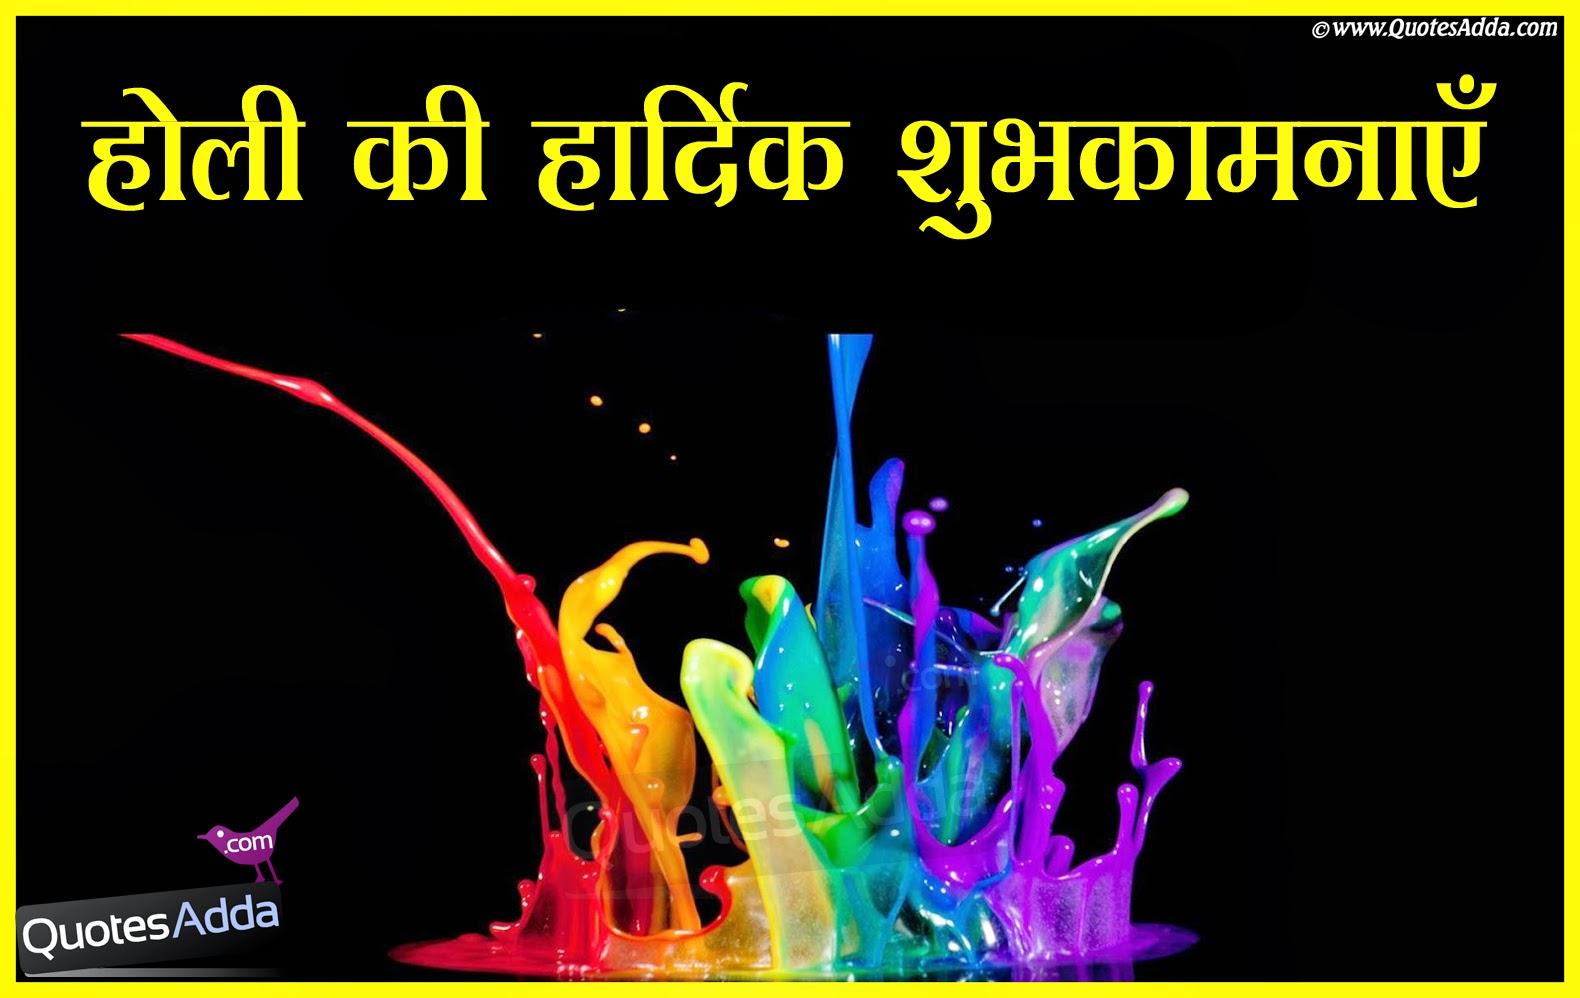 Best+Hindi+Holi+Shayari+-+QuotesAdda.com+-+New+Hindi+Love+Shayari.jpg